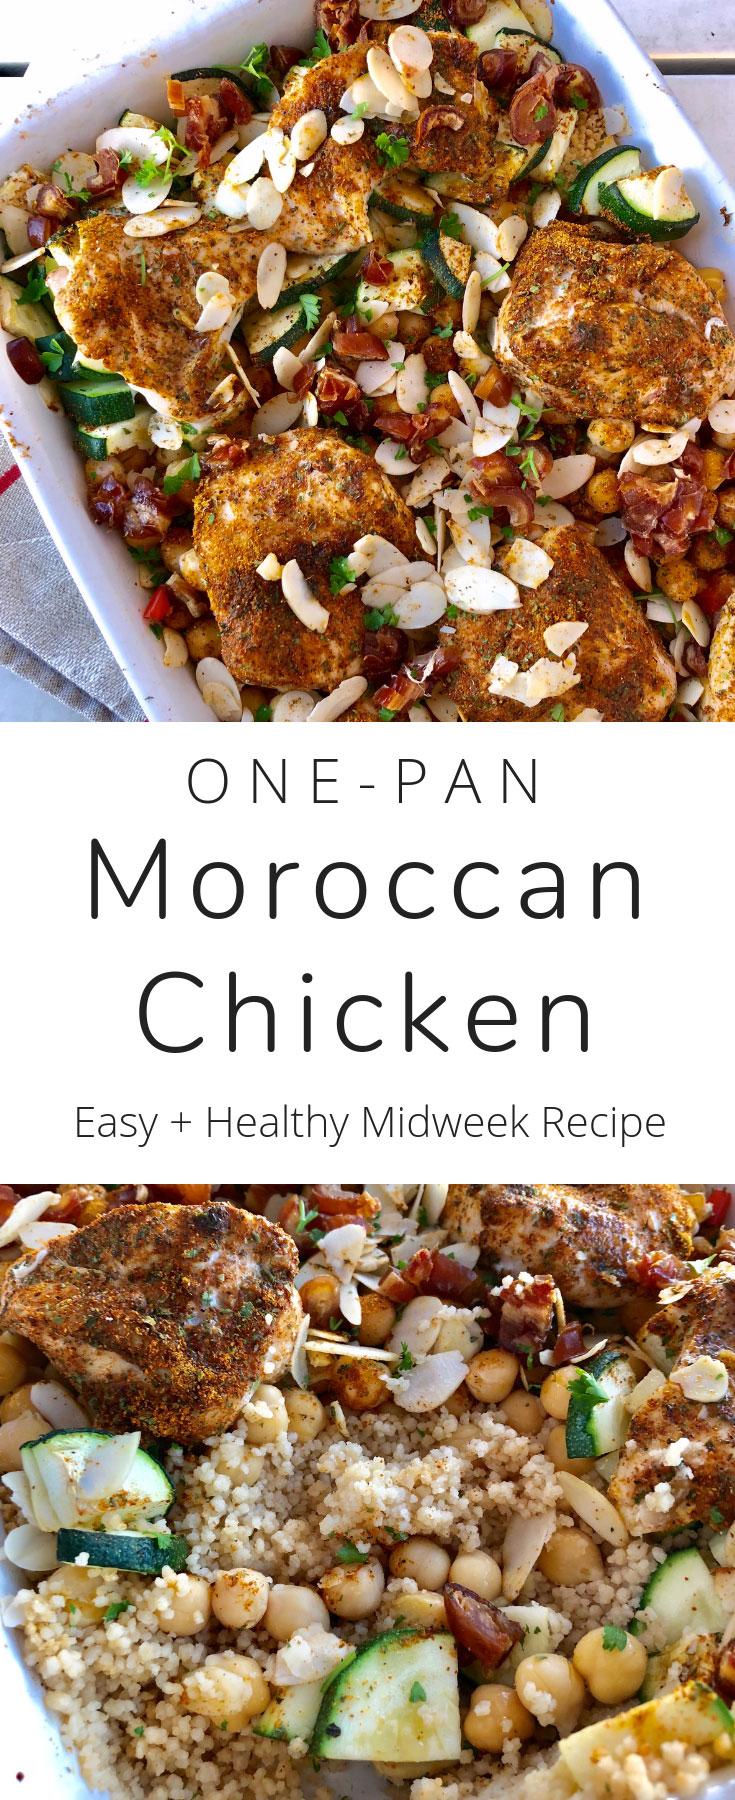 One-Pan+Moroccan+Chicken+Recipe+-+Healthy+Easy1.jpg